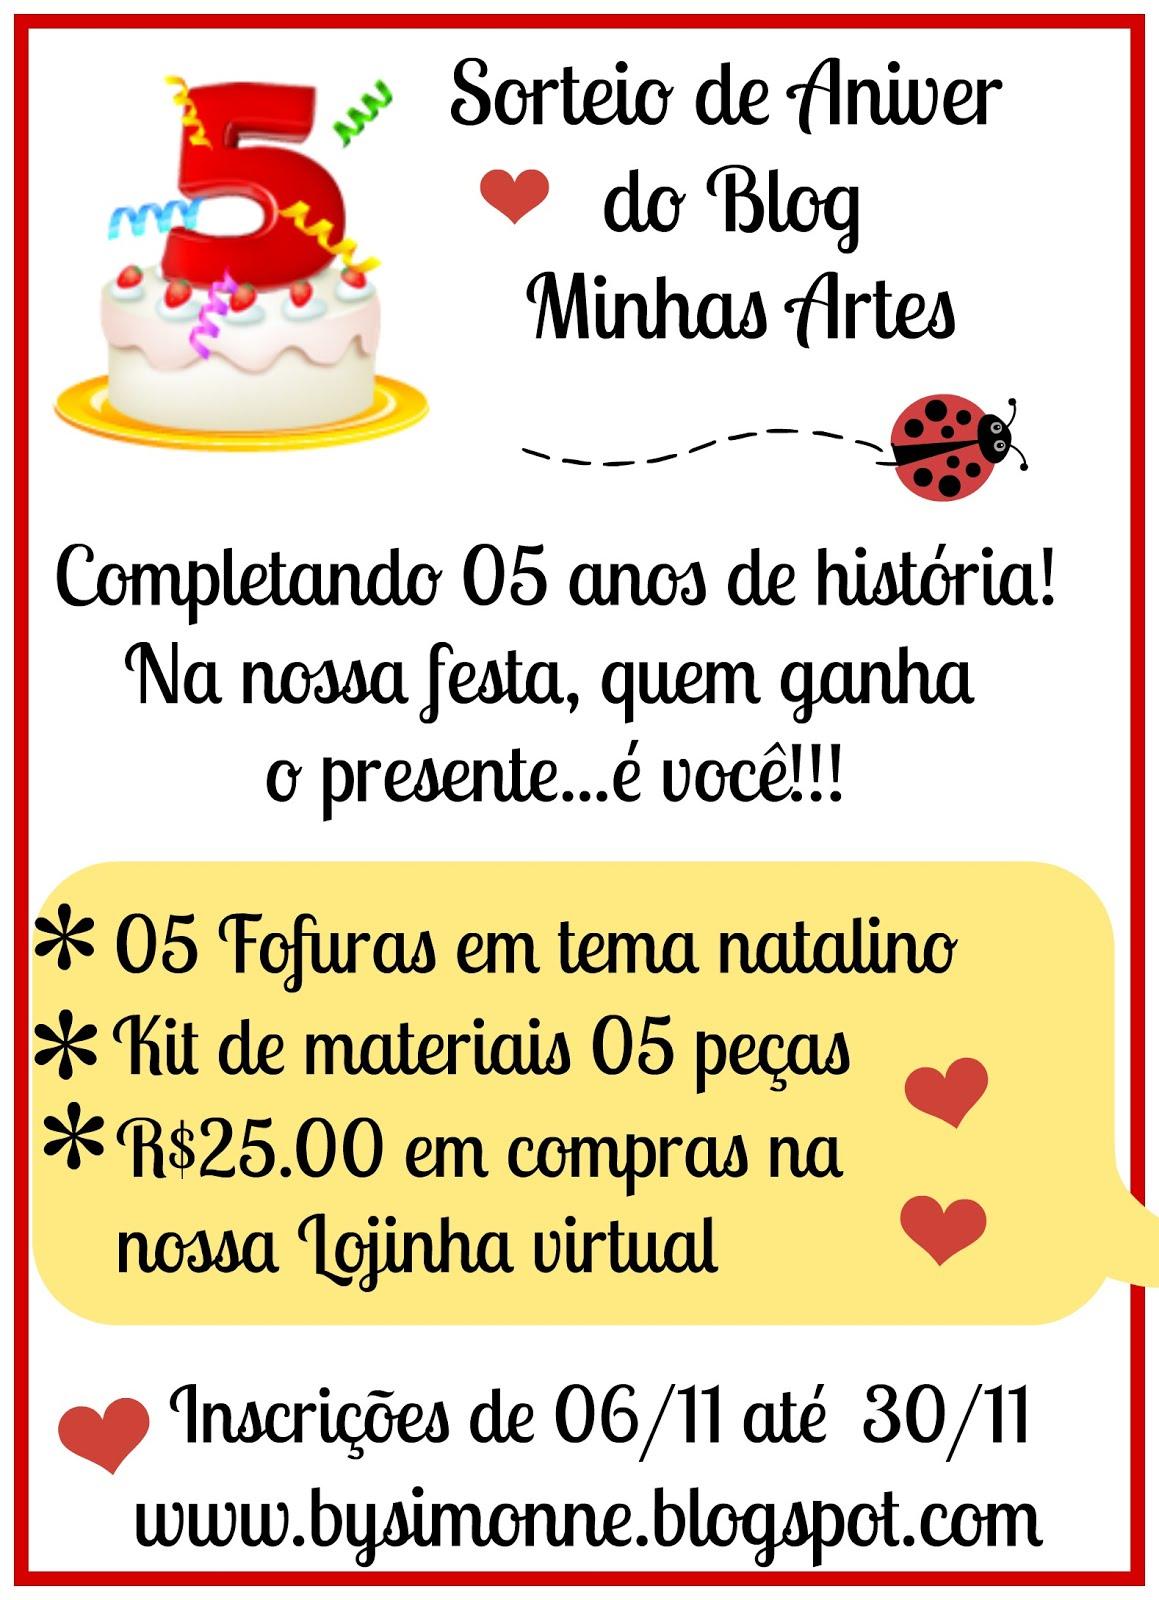 ♥ 05 anos de história! Venha participar da nossa festa!